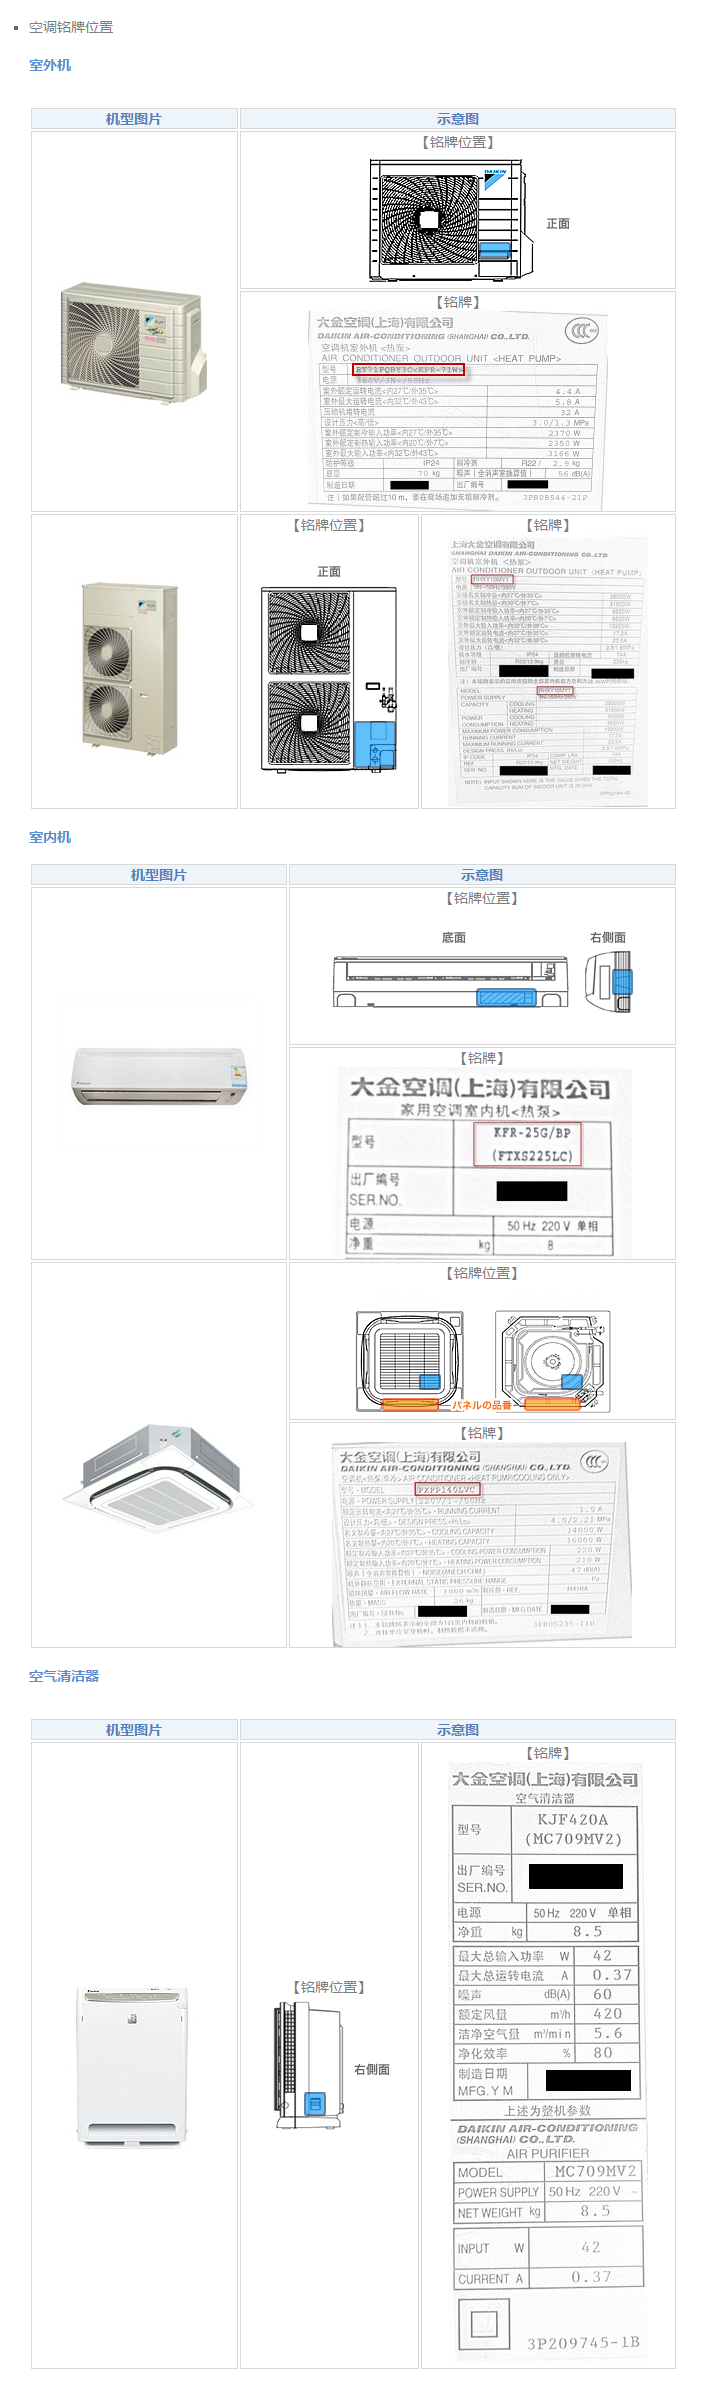 機型位置查詢-大金空調技術有限公司